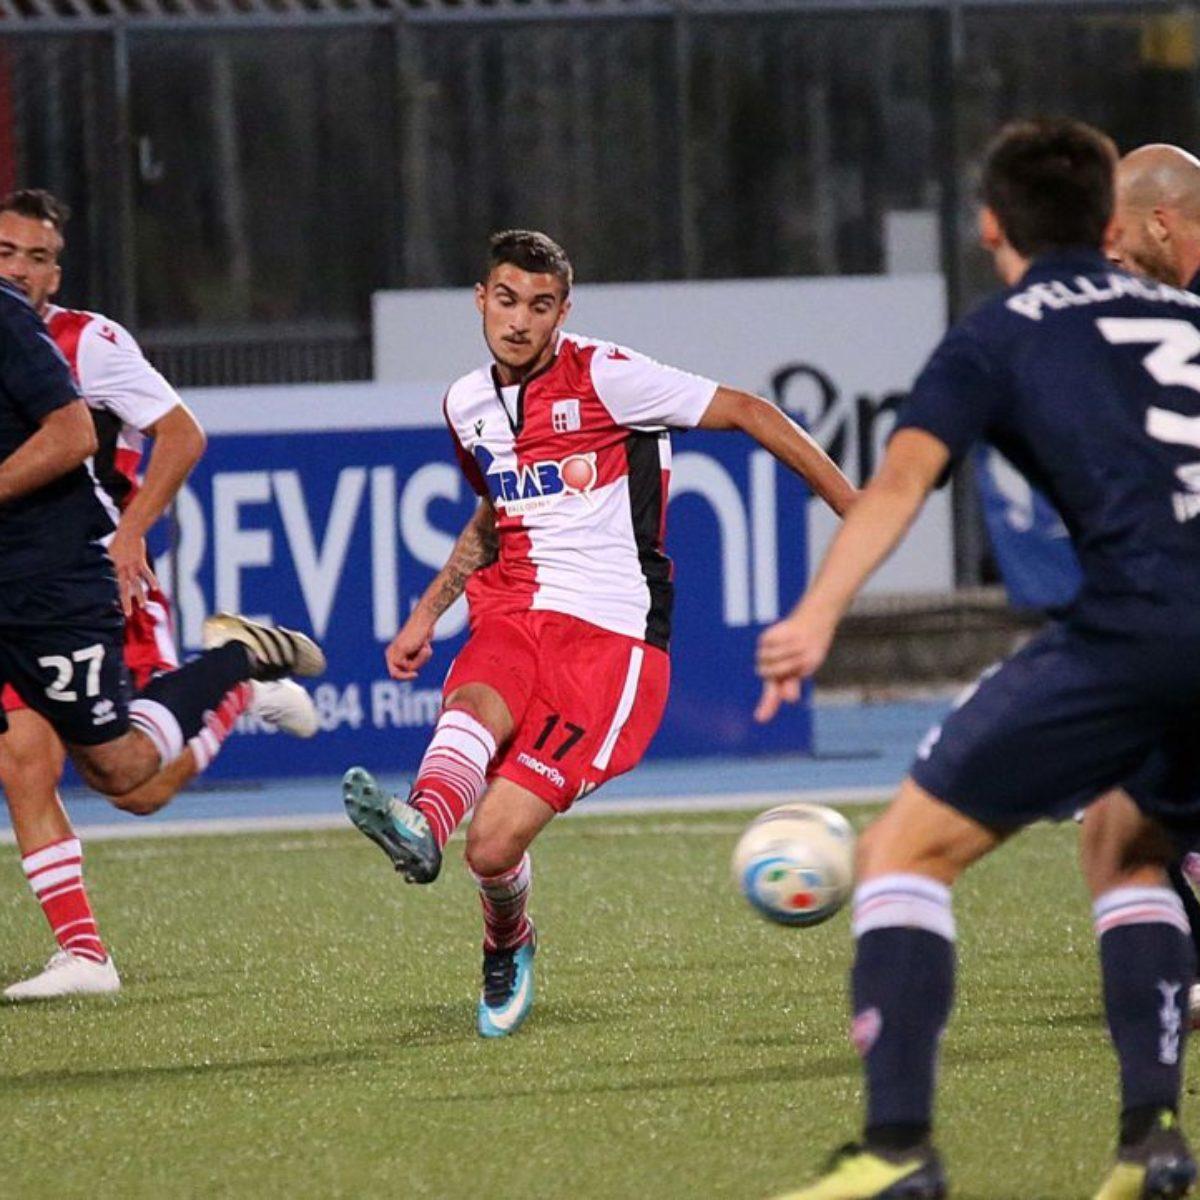 Calcio C, il Rimini strappa un punto prezioso in casa della Virtus Verona